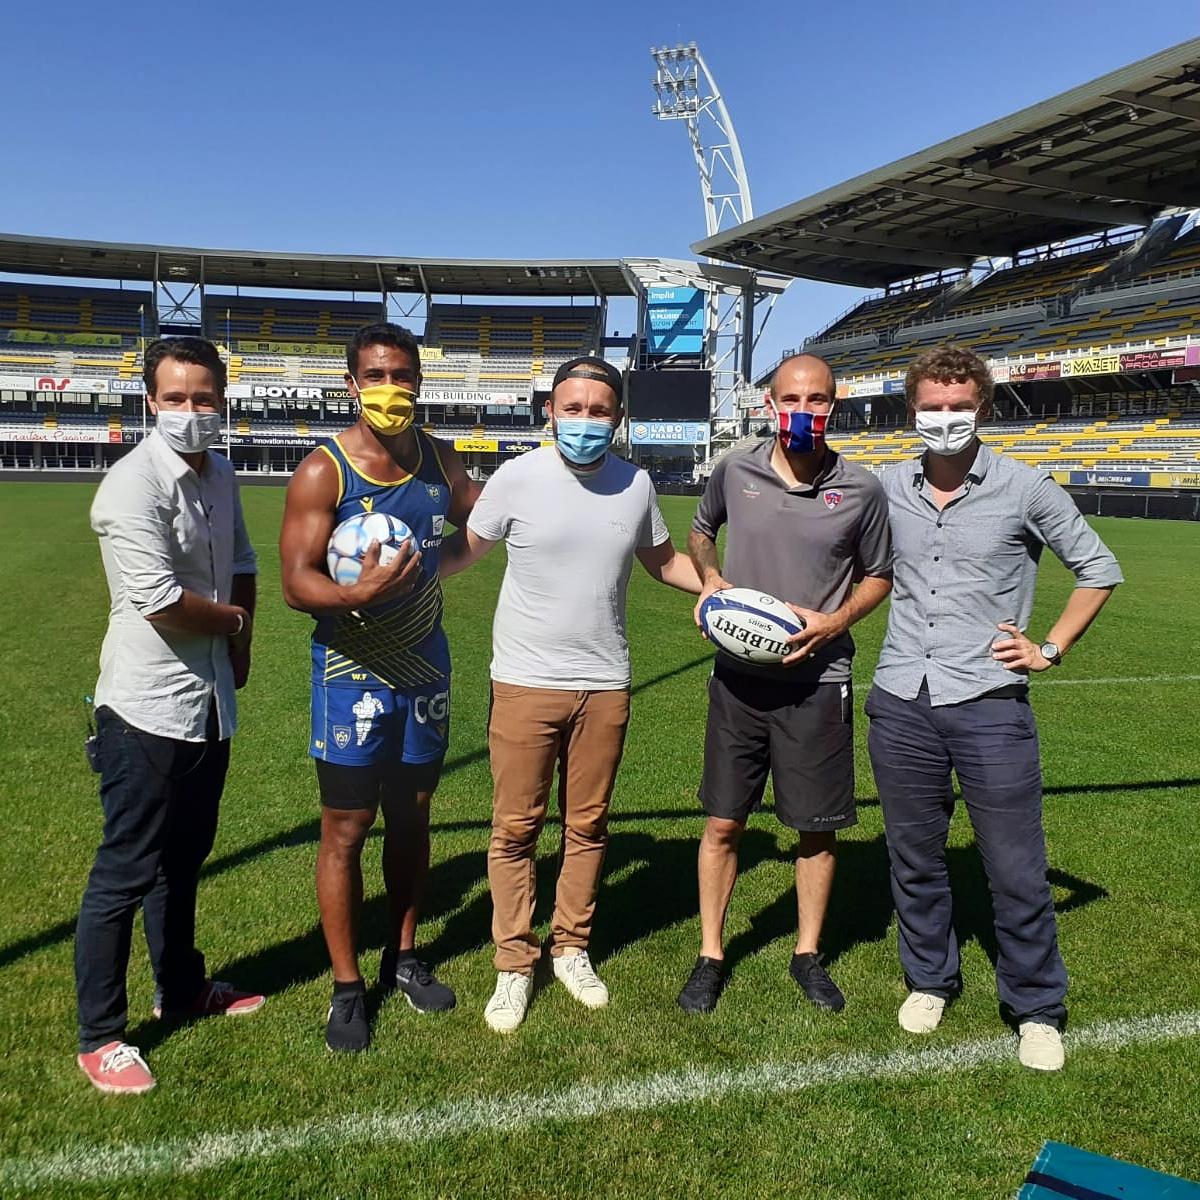 ⚽️🏉 Ça se voit pas trop mais on a le sourire ! Tournage foot/rugby très sympa avec les Clermontois @wesleyfofana et @GastienJohan ! Merci pour votre bonne humeur messieurs et aux 2 clubs d'avoir joué le jeu 🤜🤛 https://t.co/F92LksNVNw https://t.co/89vsImgVFb